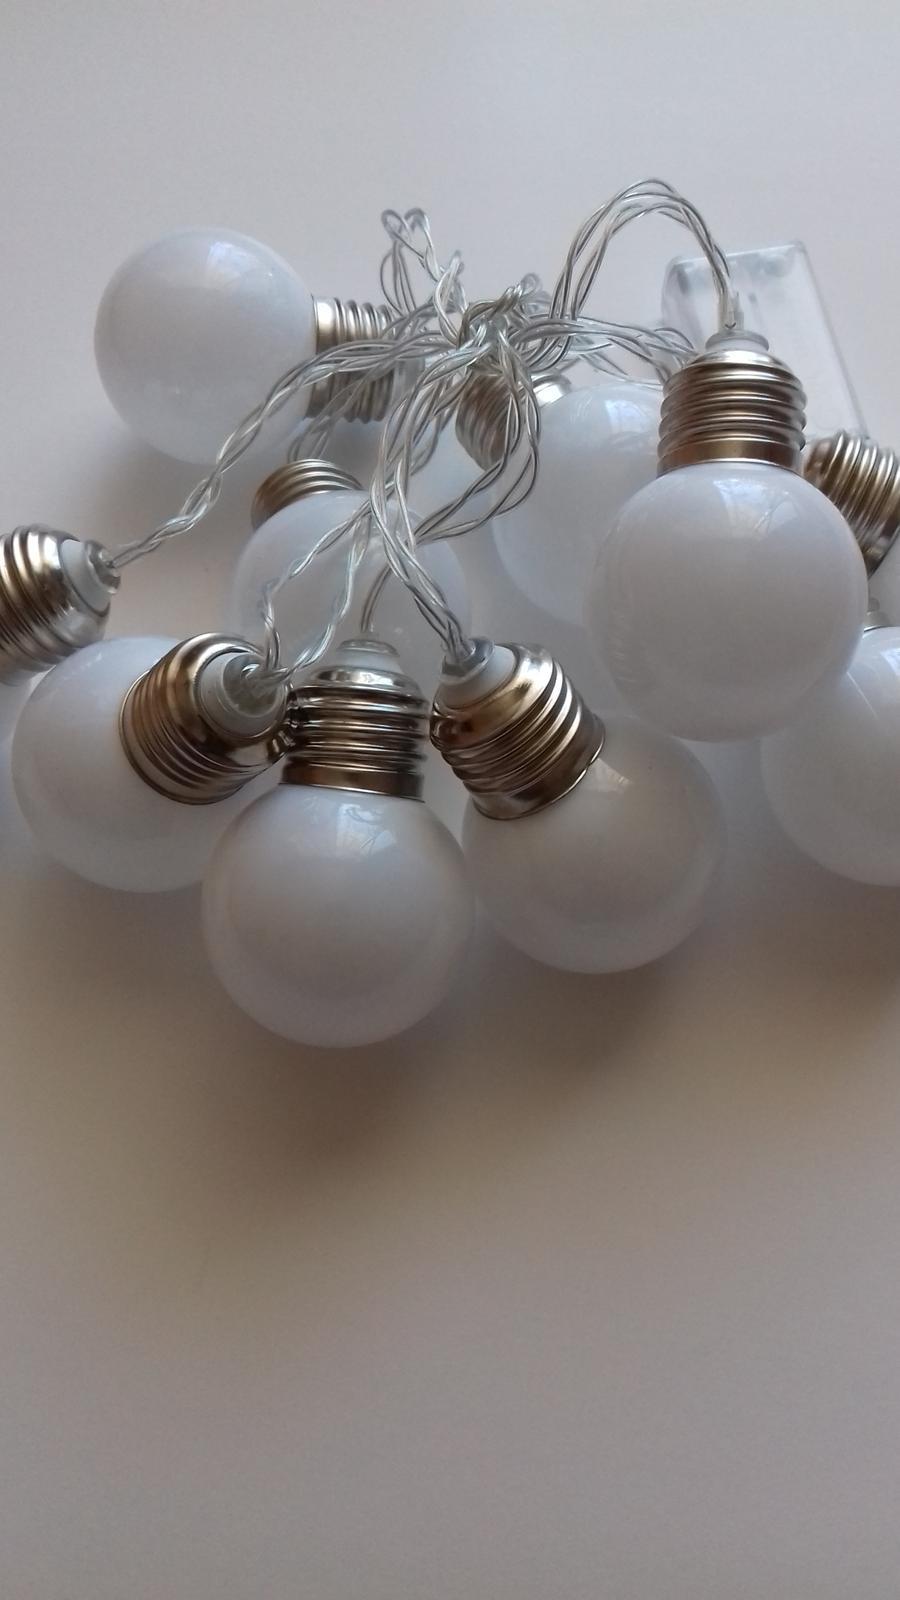 světelný řetěz-žárovky - Obrázek č. 4